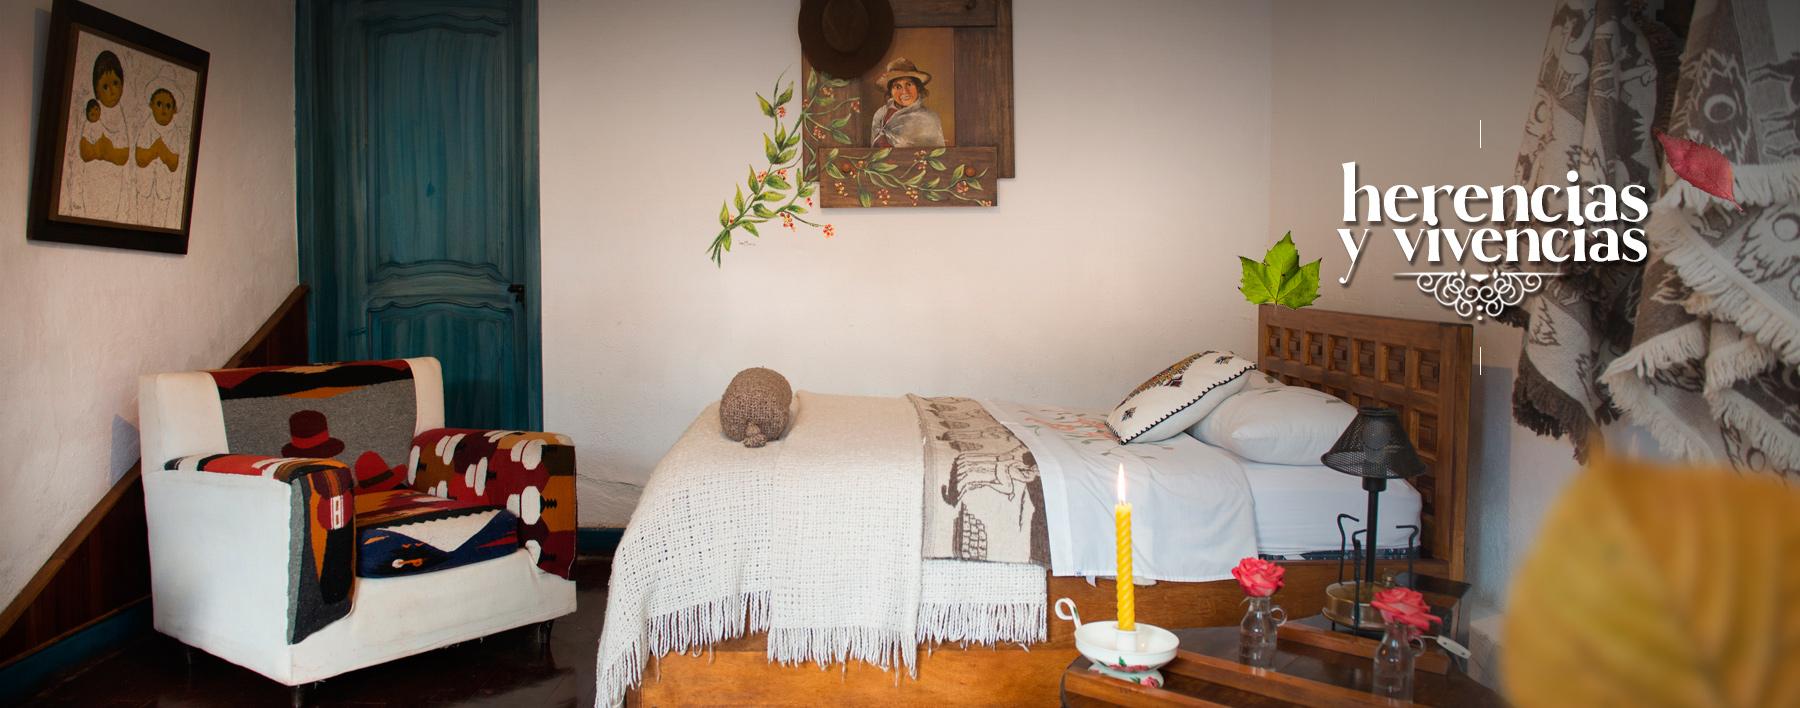 hotel-boutique-casa-de-hacienda-su-merced-habitacion-raices-banner